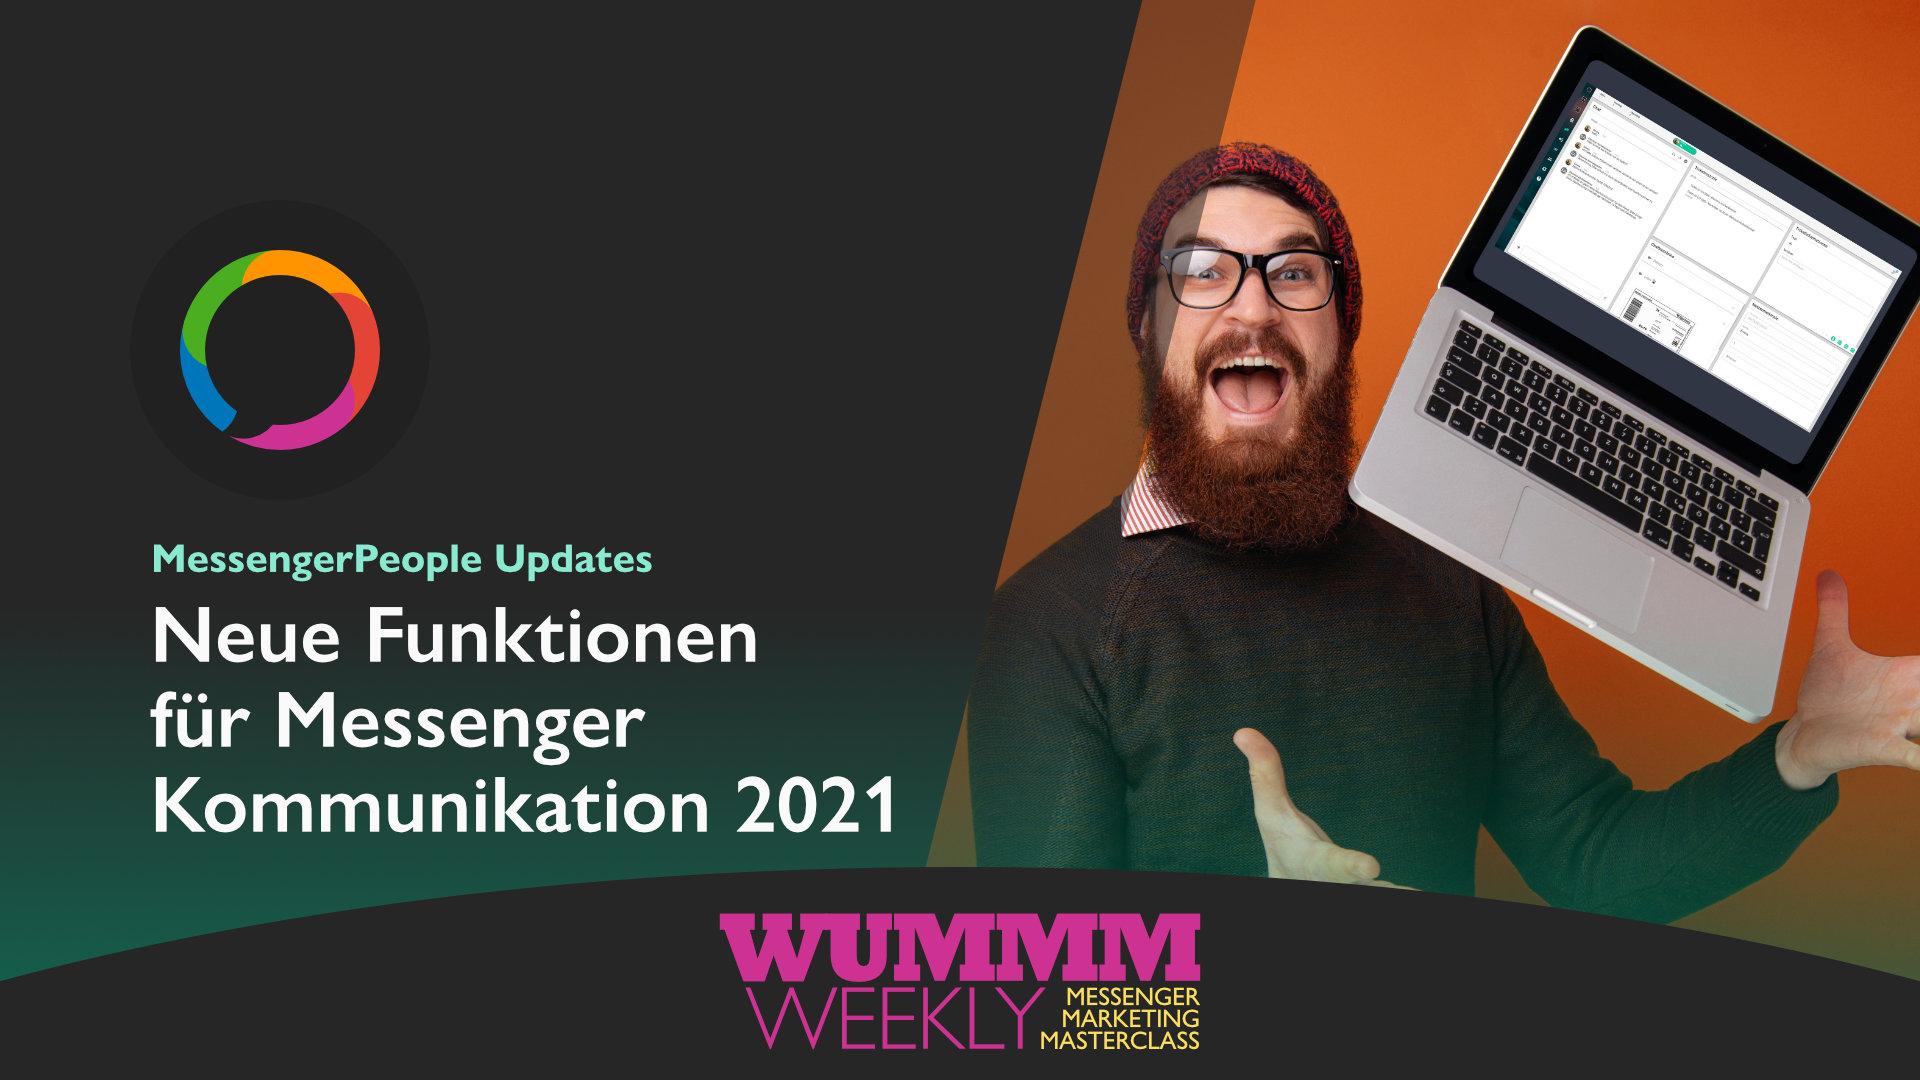 Wummm-weekly, Logo MP, Neue Funktion für Messenger Kommunikation 2021